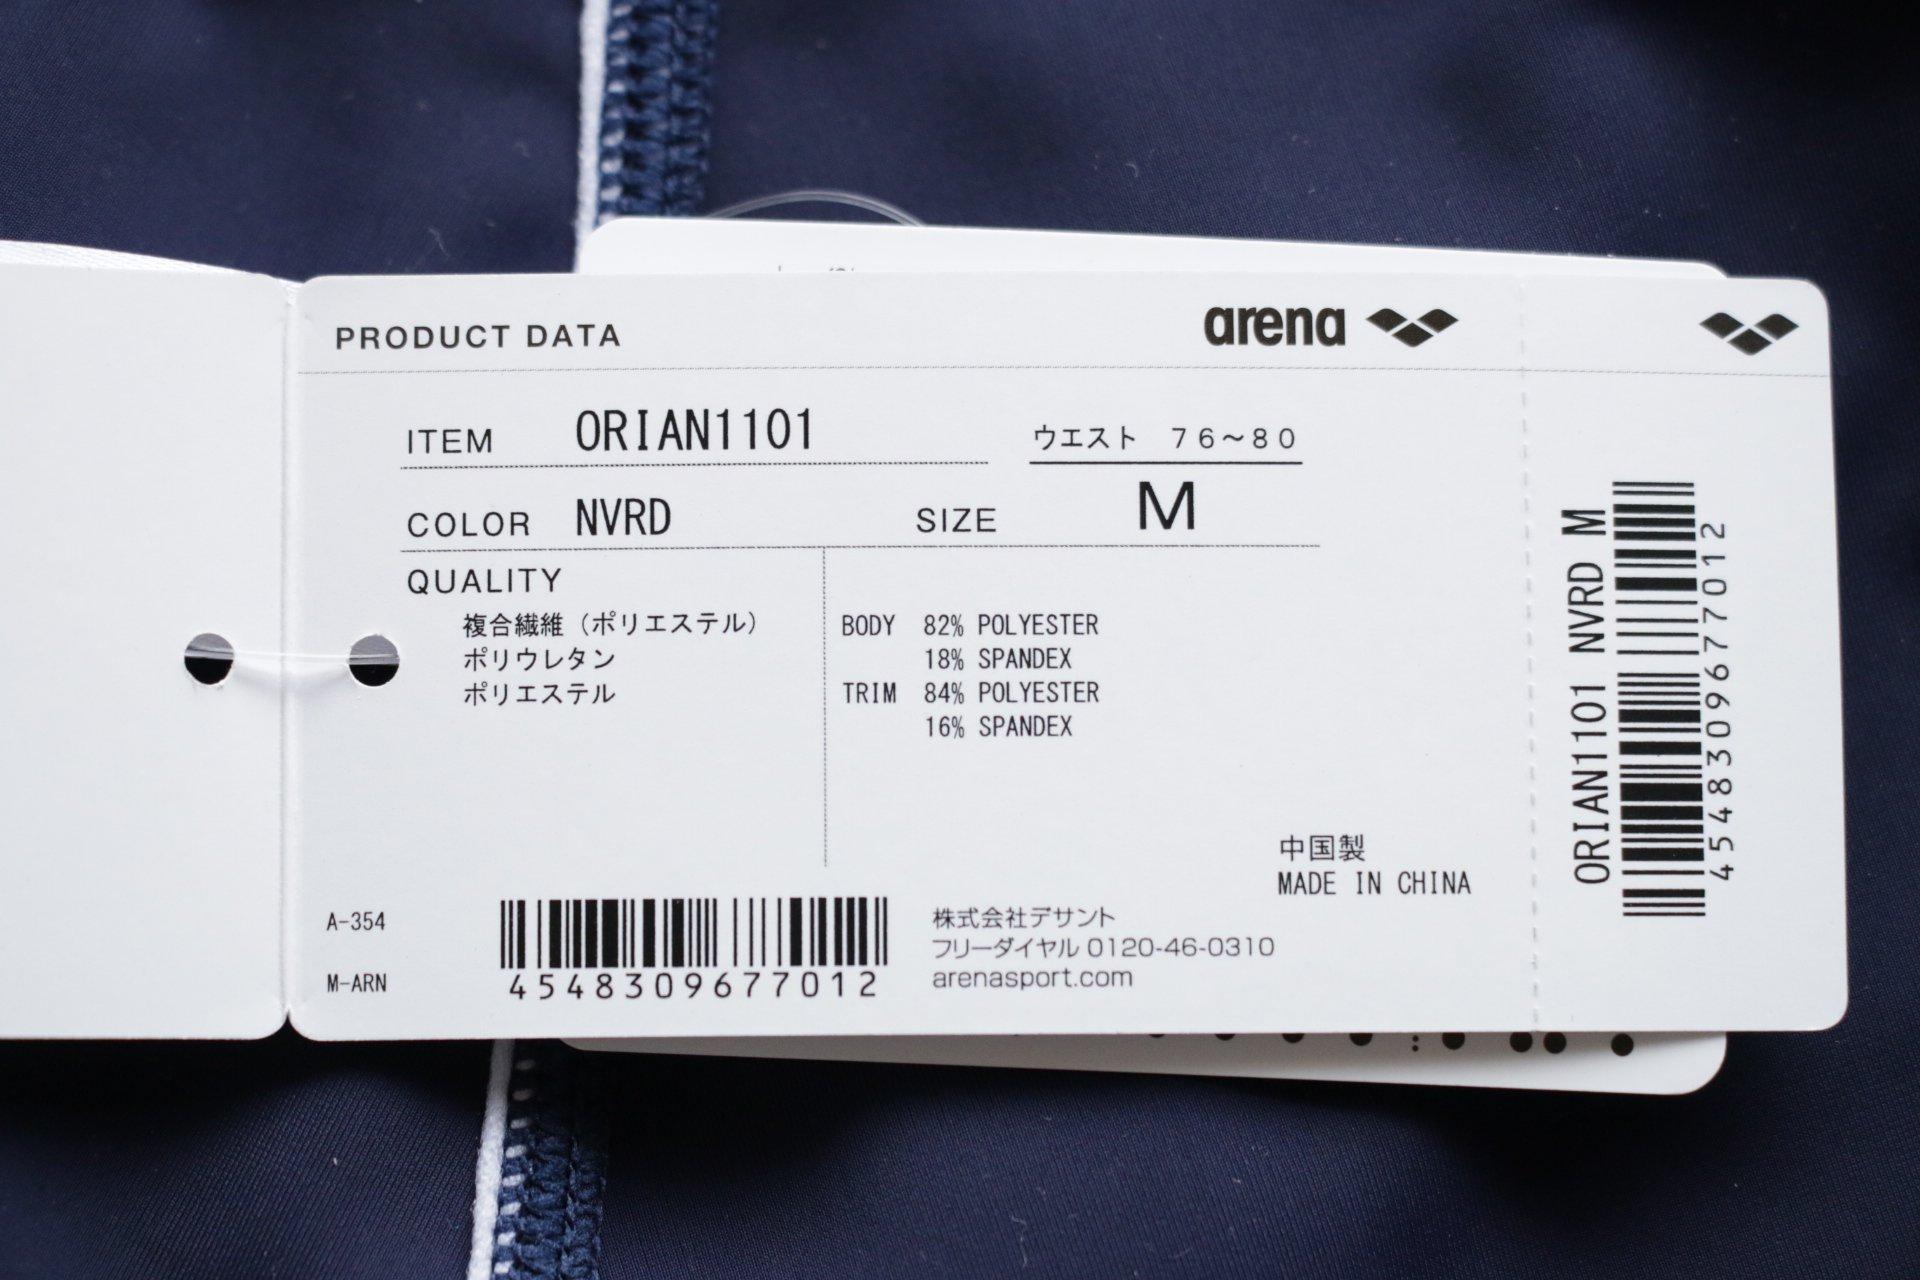 ORIAN-1101